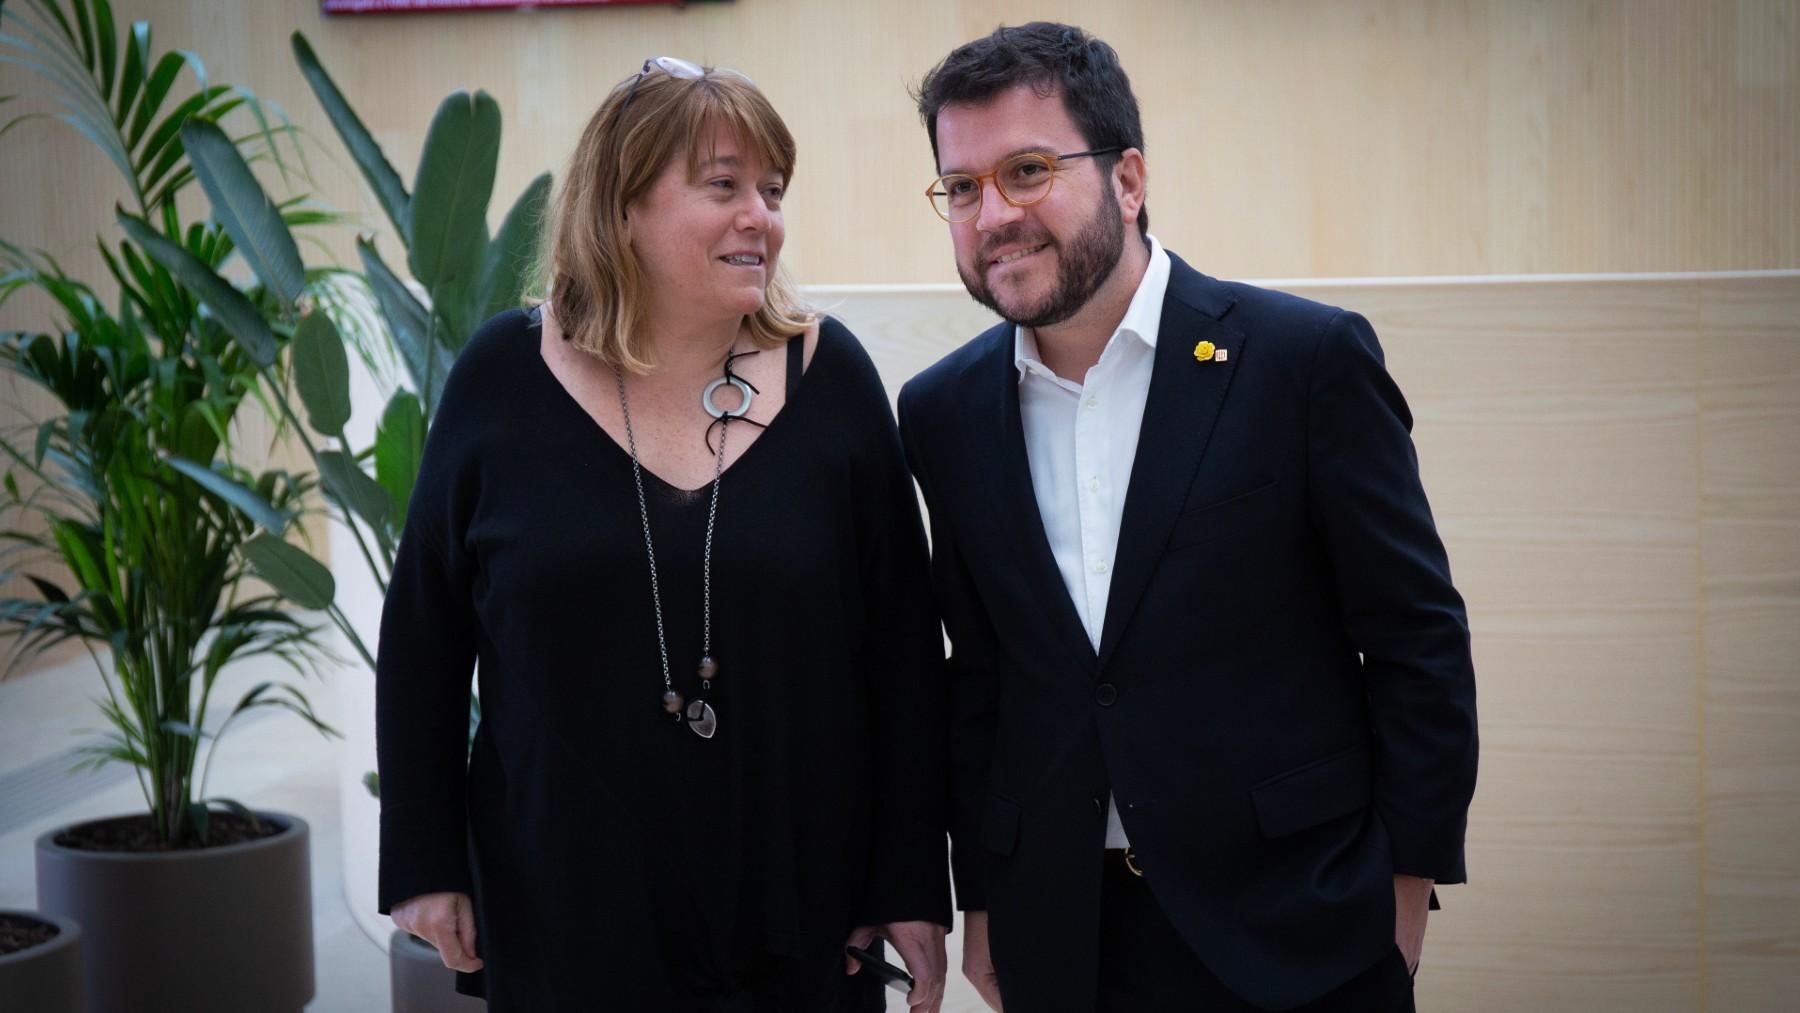 La consejera de Cultura del Govern, Natàlia Garriga, junto a Pere Aragonès. (Foto: Europa Press)